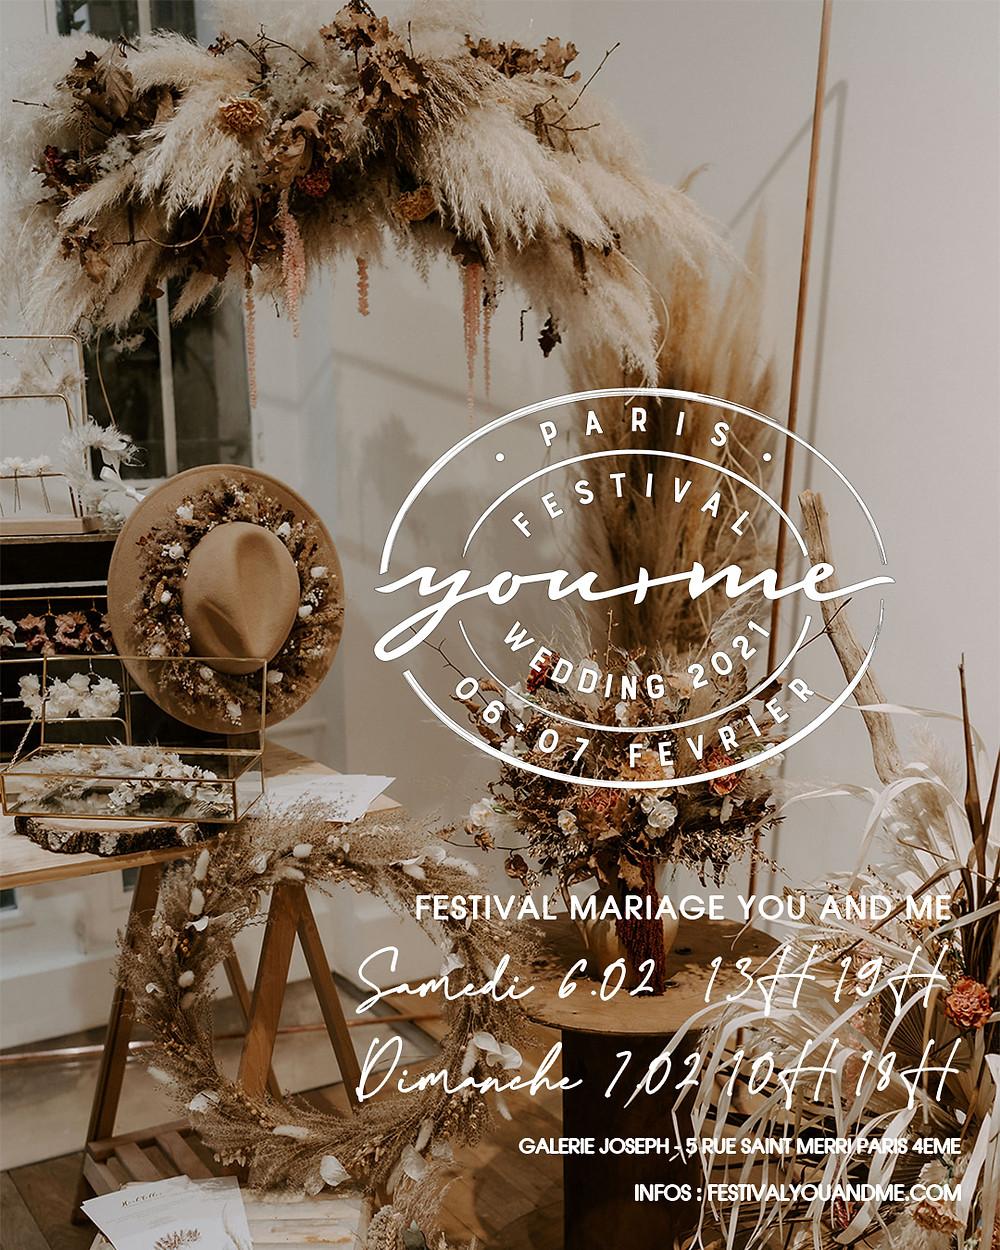 Festival mariage Paris 6+7 fevrier 2021